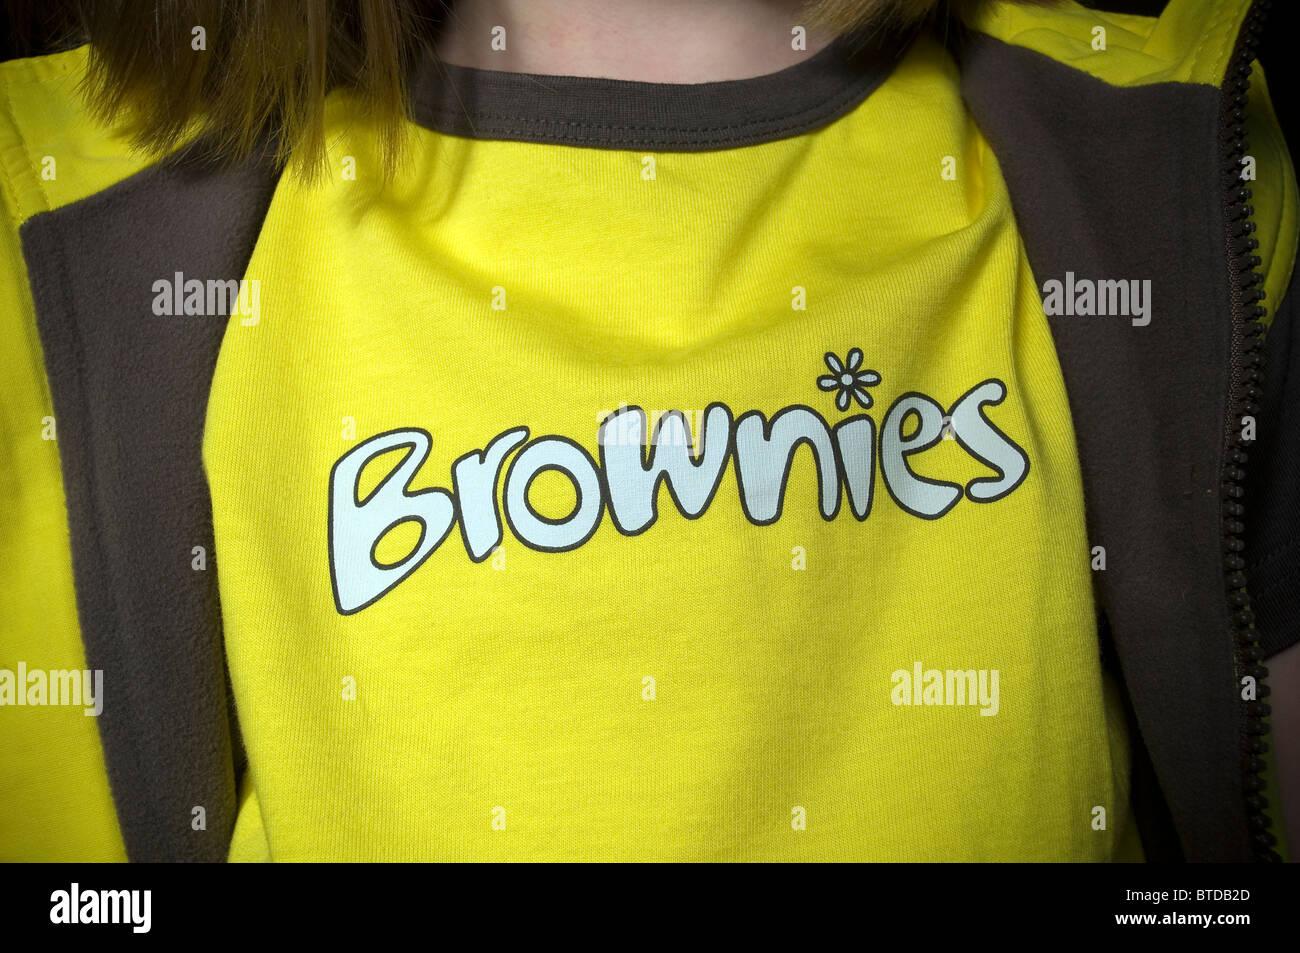 Brownies uniform,brownie, brownies, uniform, sash, girl, child, badges, - Stock Image